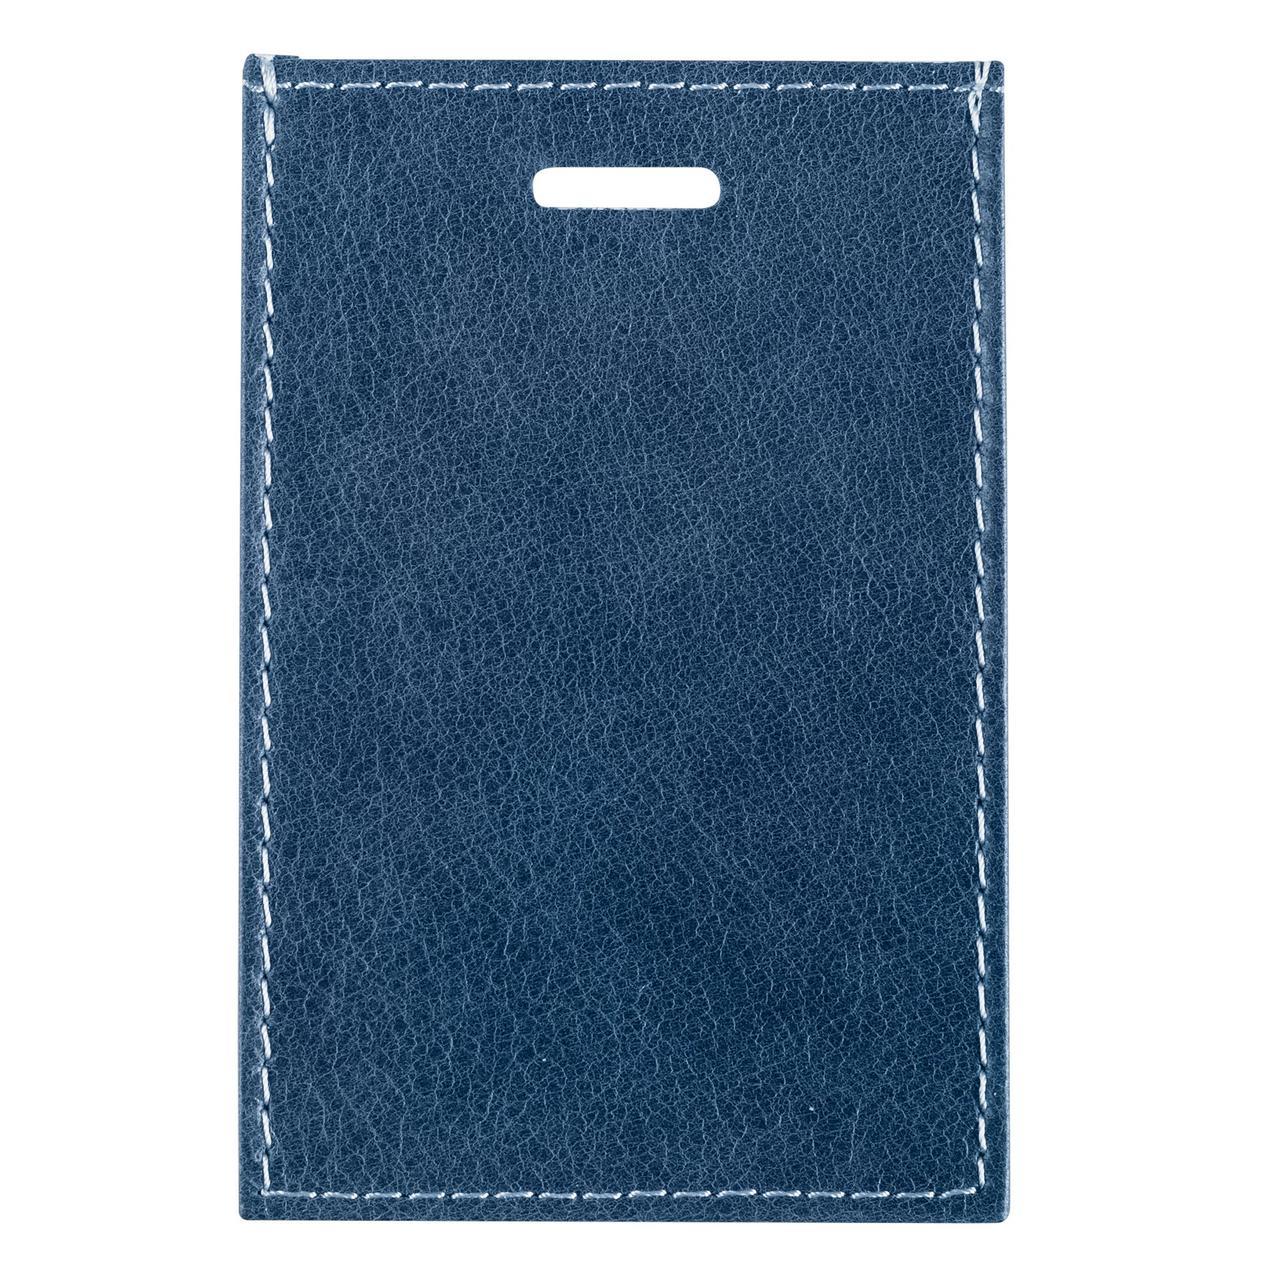 Чехол для карточки Apache, синий (артикул 7199.40)